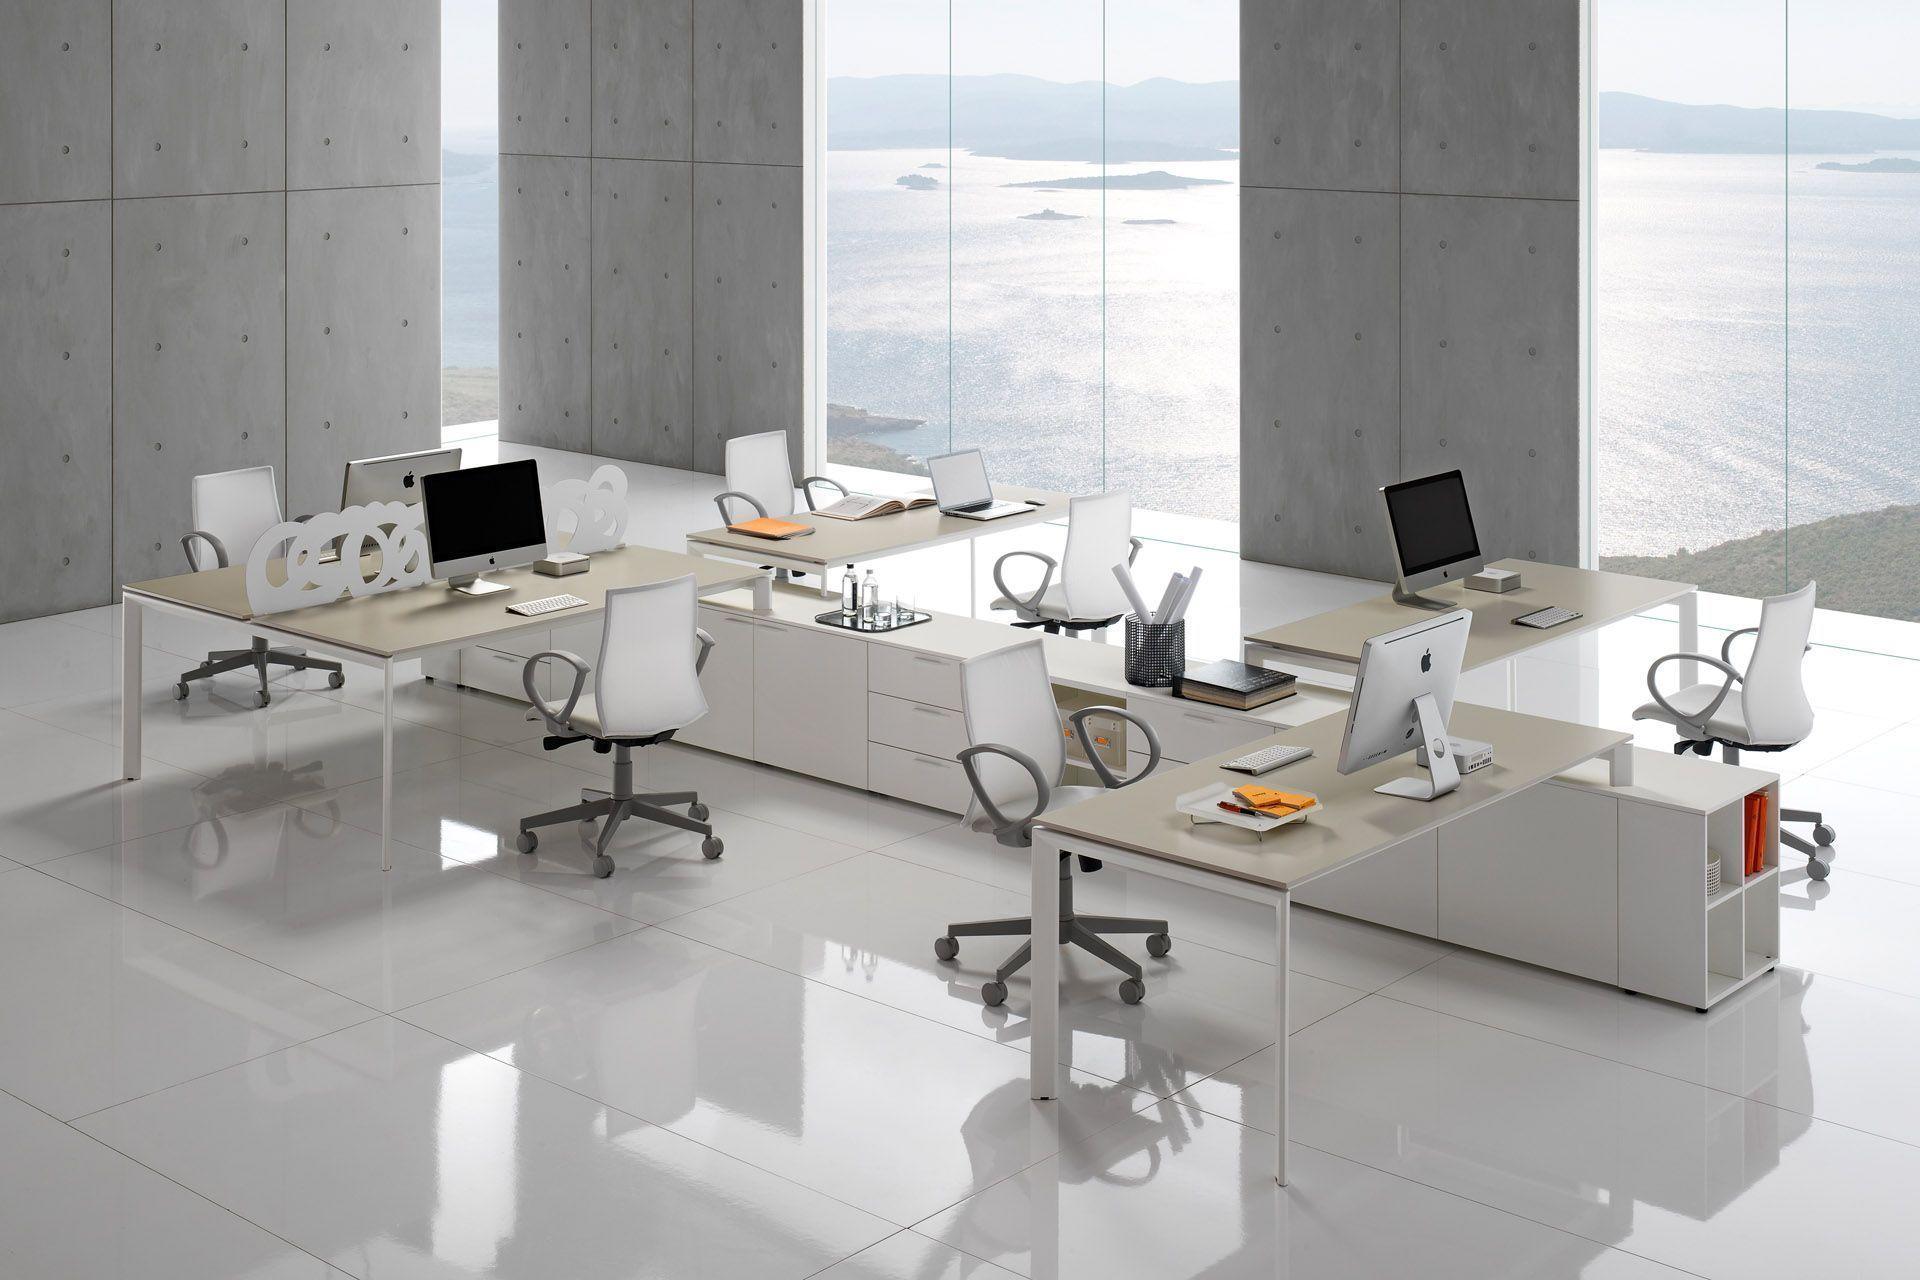 Fotos de Decoración de Oficinas Modernas Consejos de Decoración ...